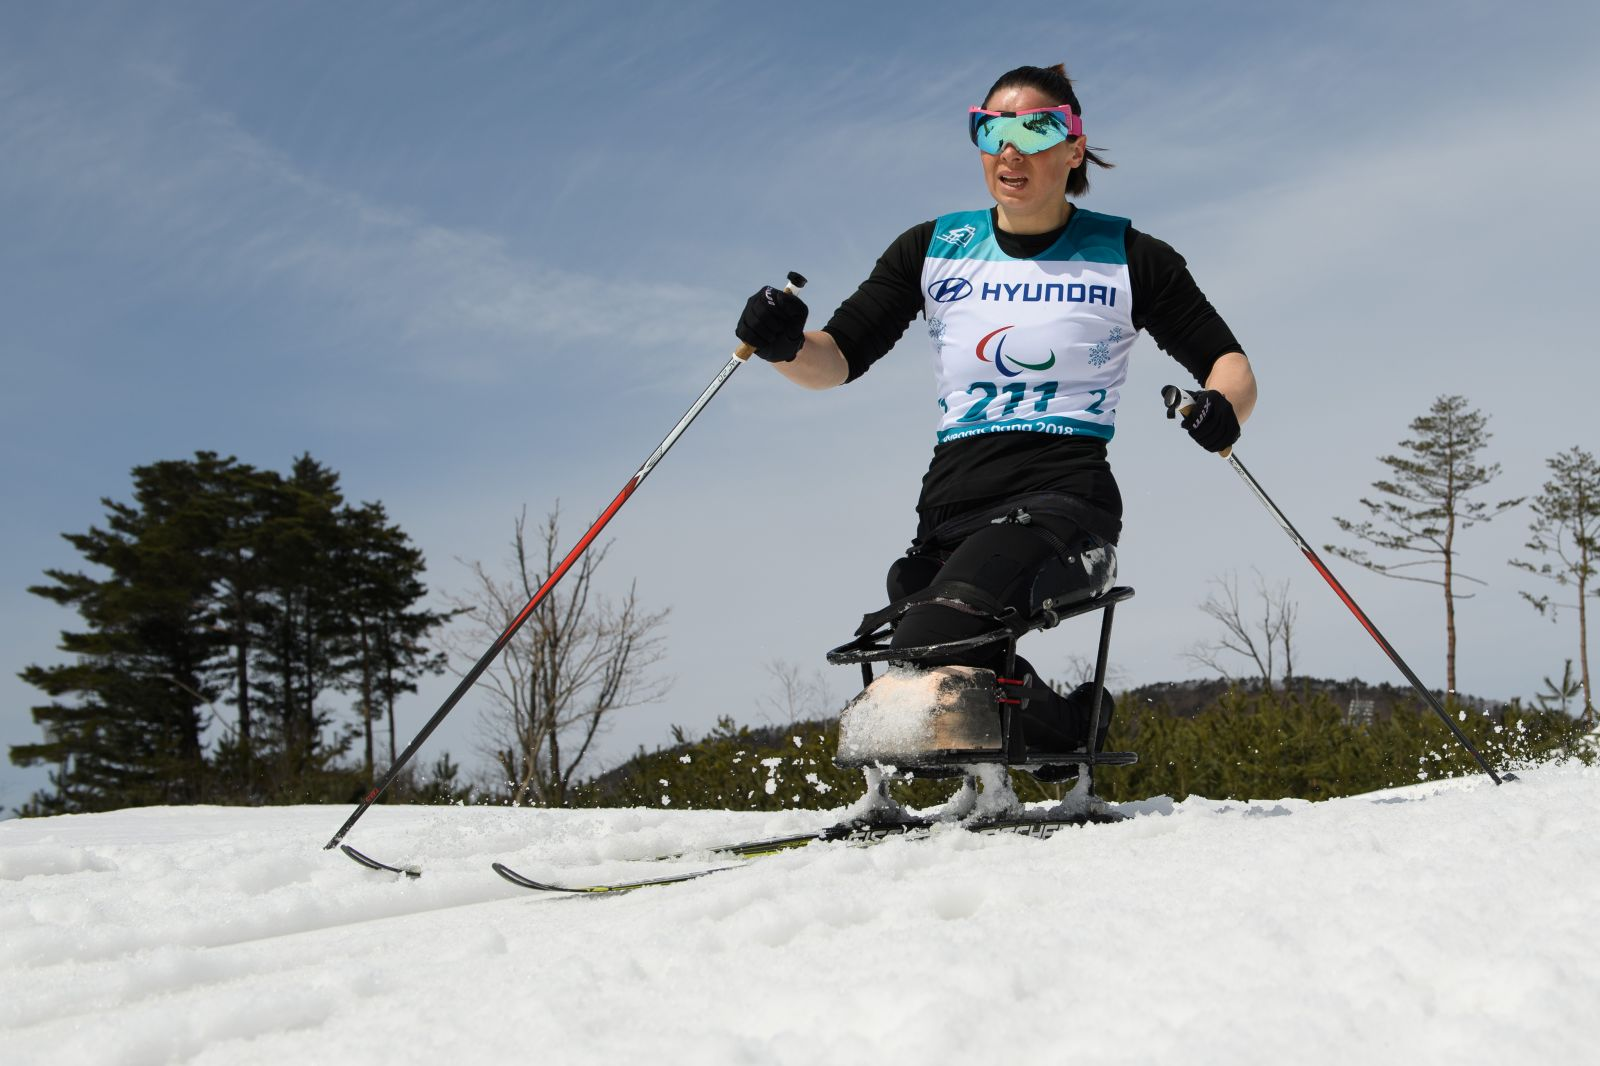 Паралимпиада-2018. 8 день.Марта Зайнуллина завоевала бронзовую медаль в лыжных гонках на дистанции 5 км